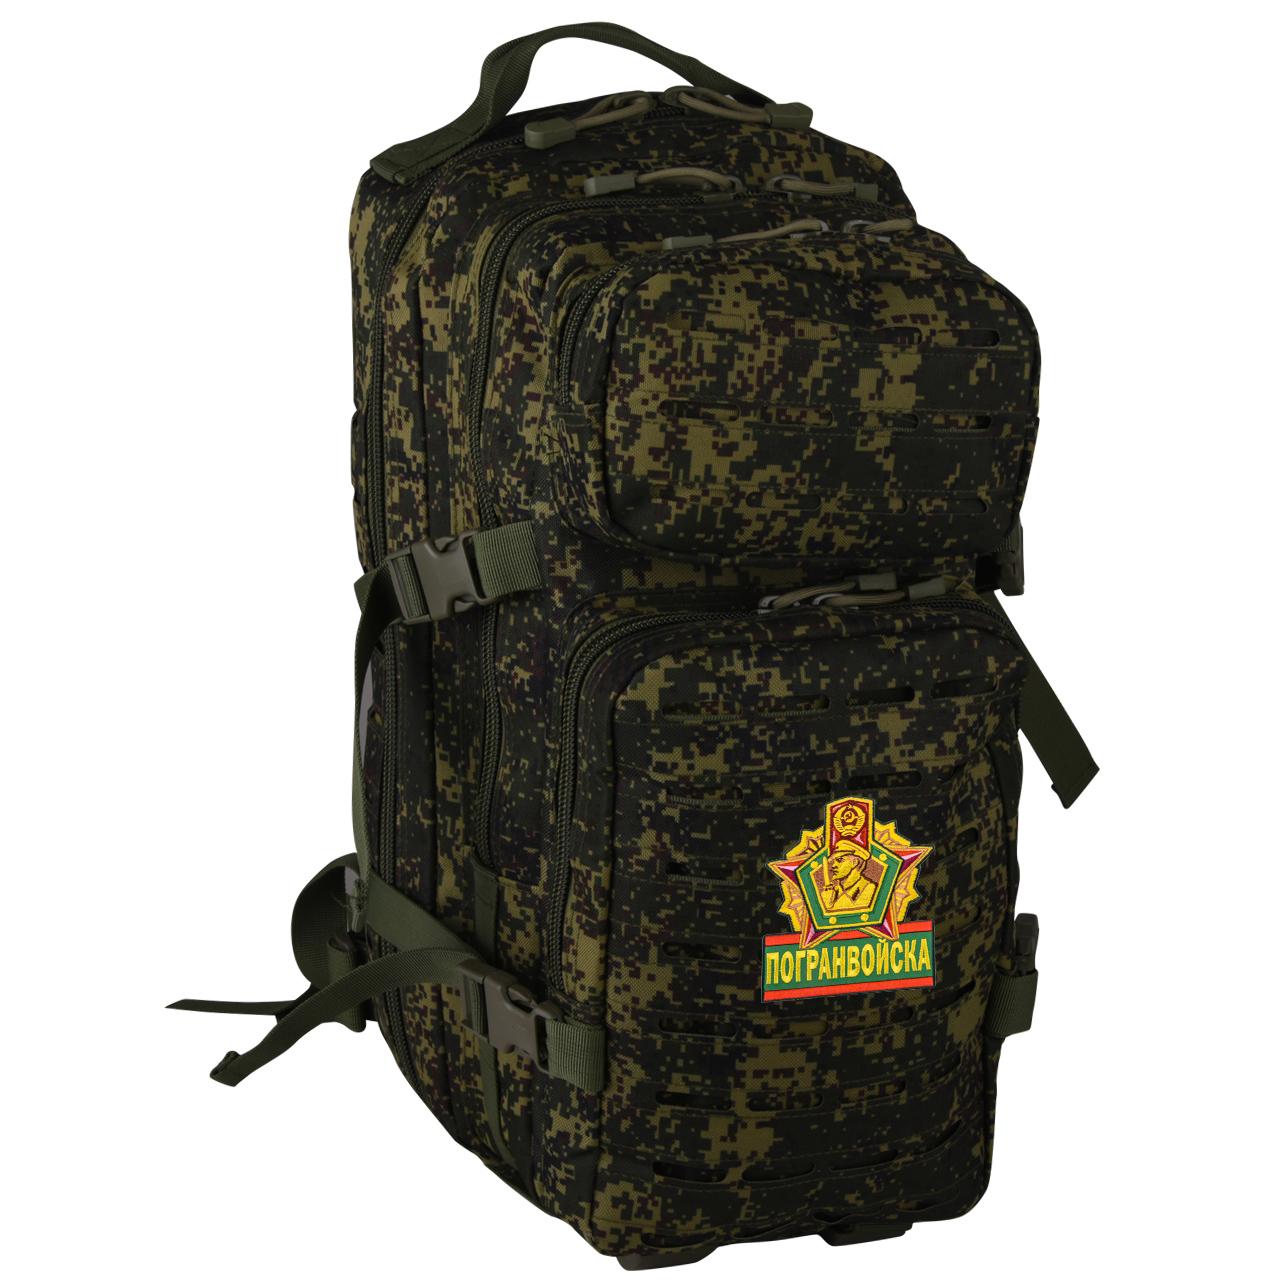 Камуфляжный штурмовой рюкзак Погранвойска - заказать онлайн